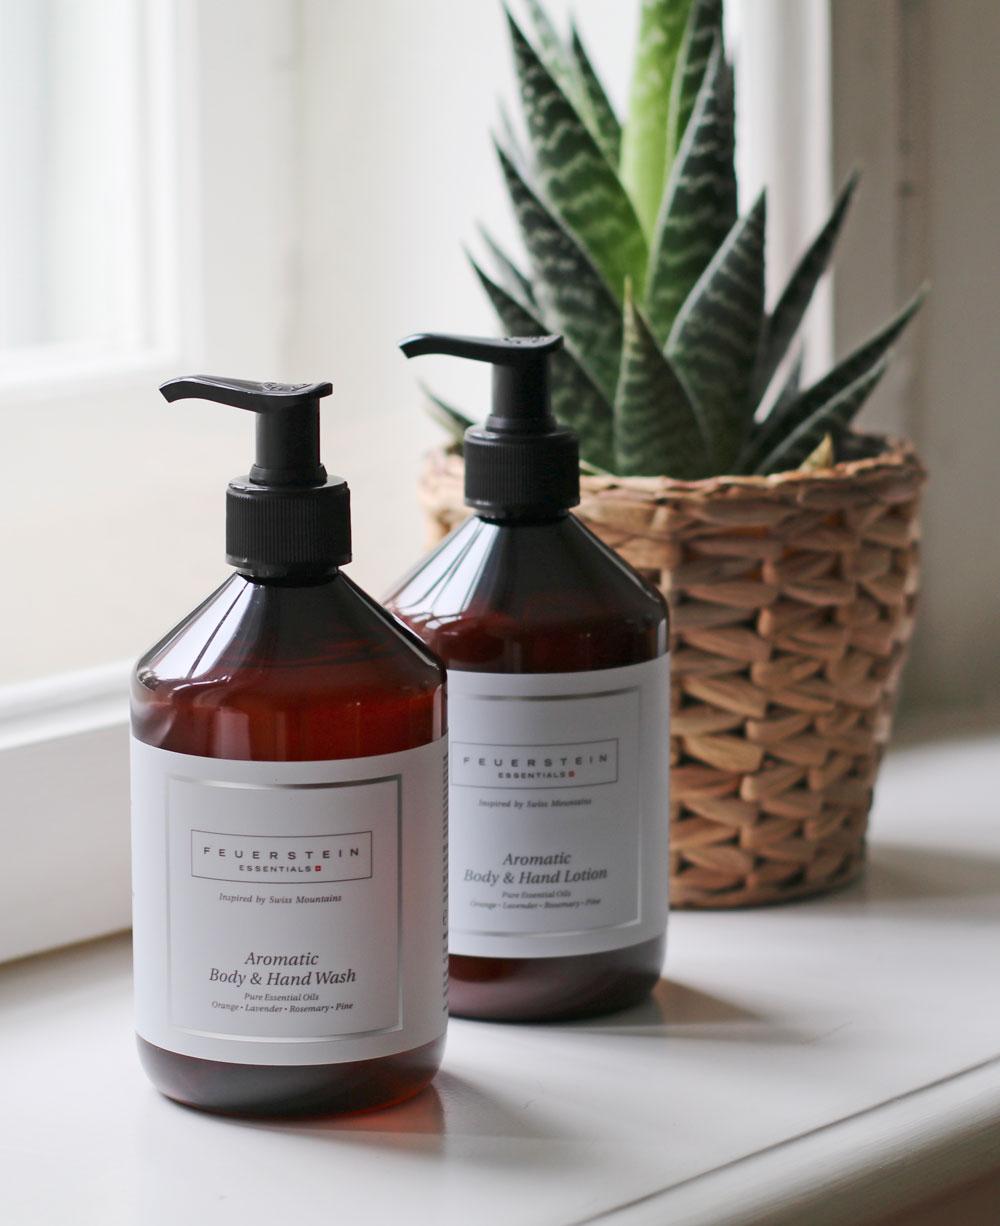 Die neuen Aromatic Hand&Body-Produkte von Feuerstein machen das Händewaschen zum schönen Ritual.